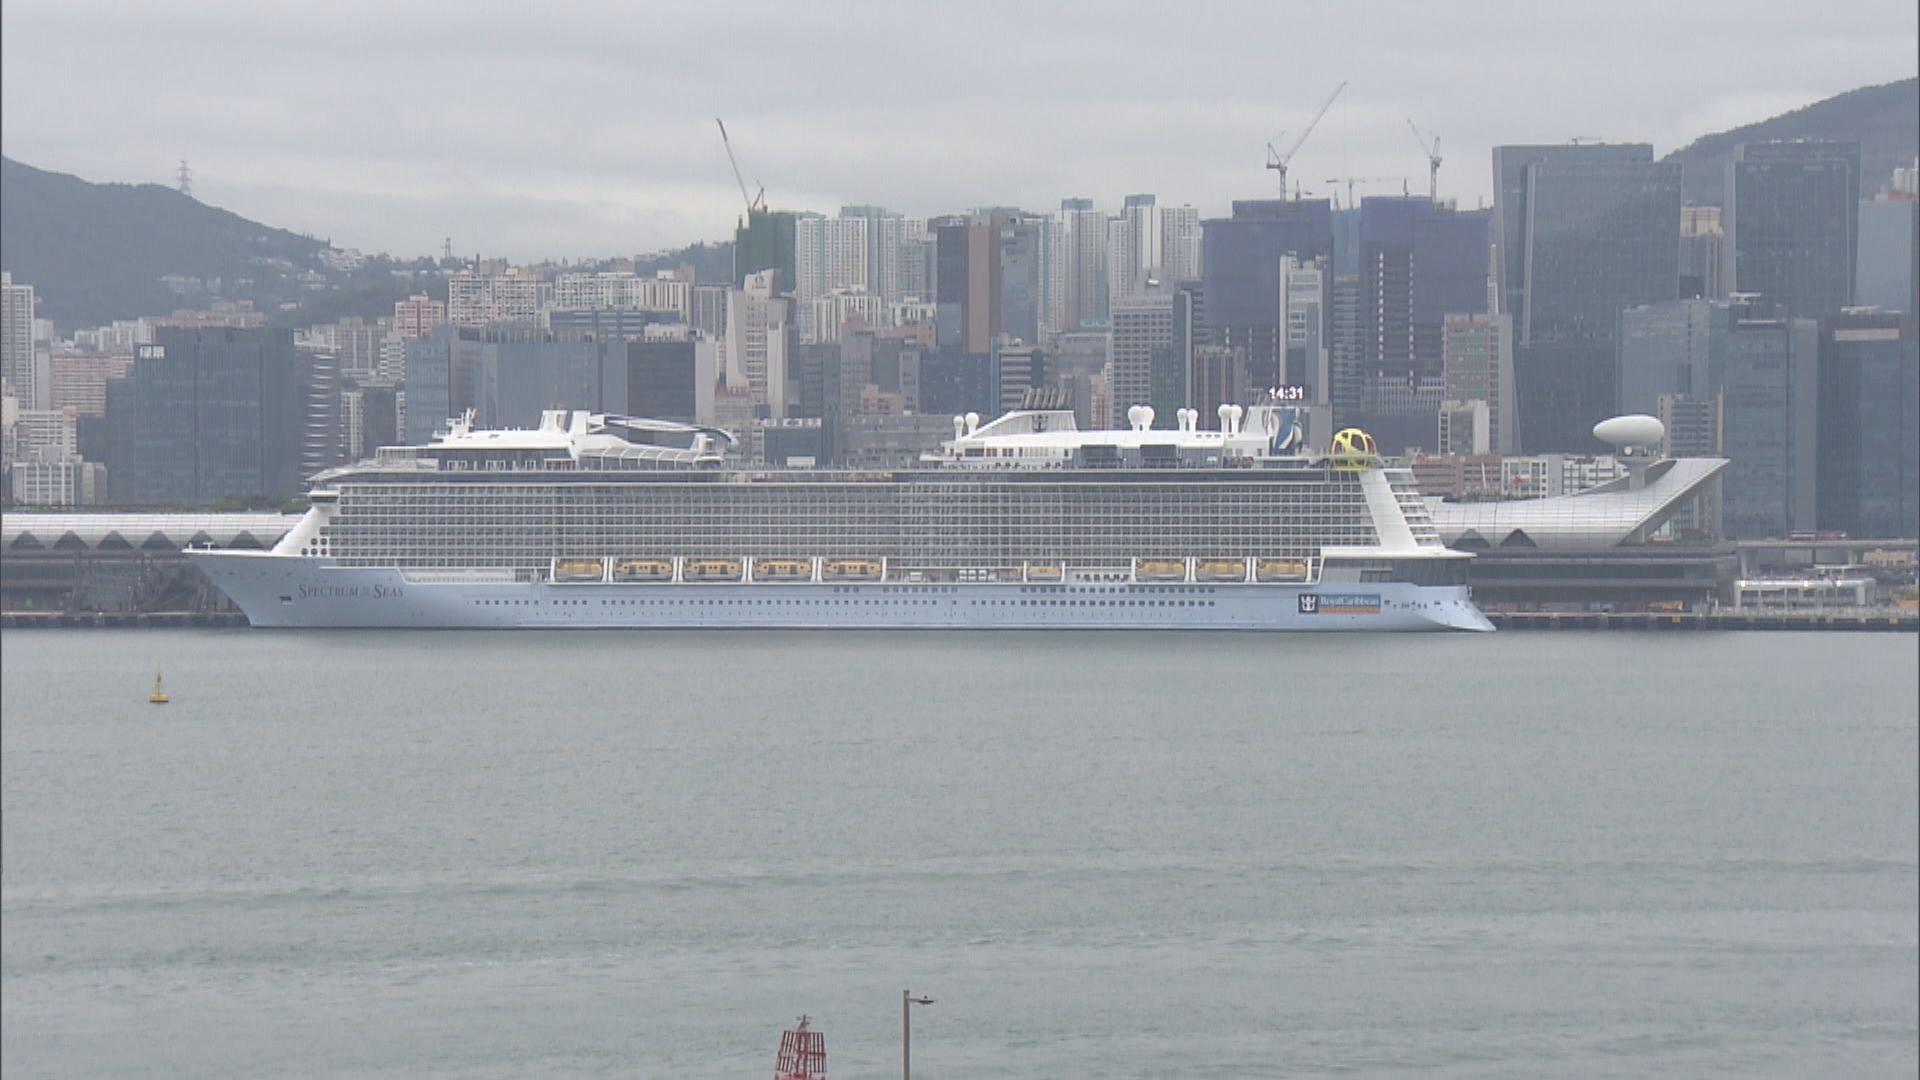 海洋光譜號停航21日 船公司取消明天出發航程